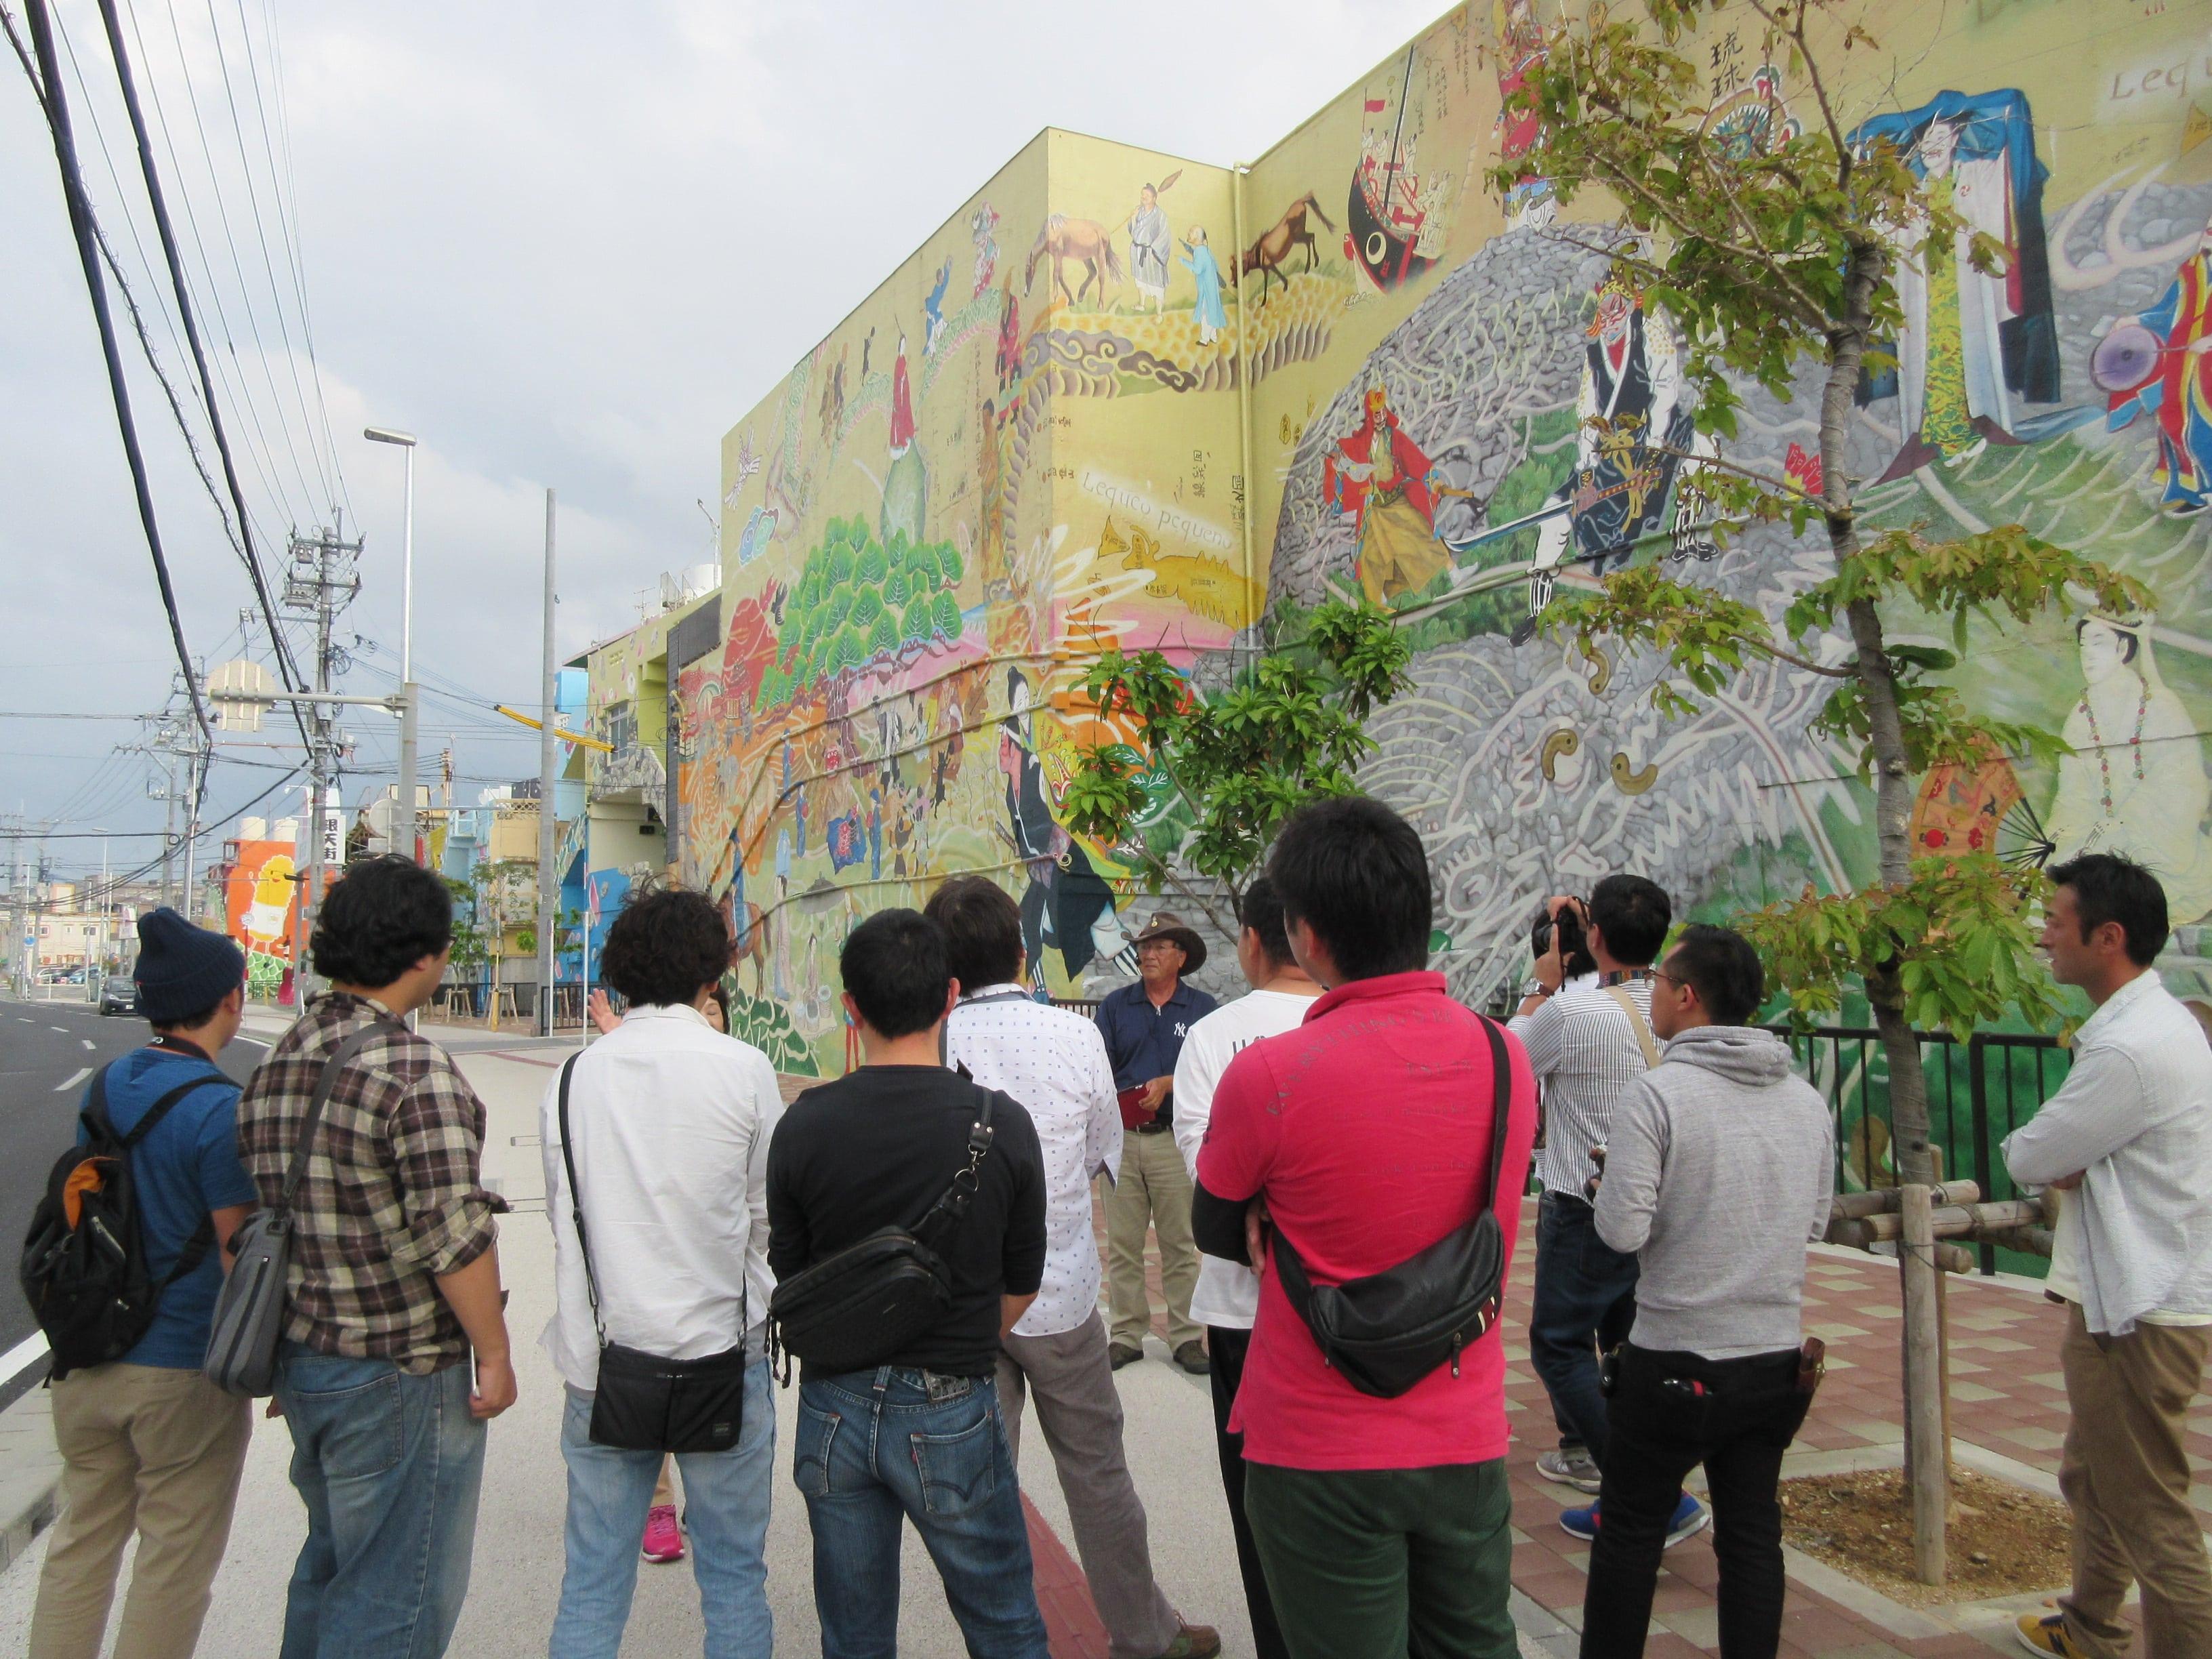 コザの琉球王朝物語、越来城を訪ねて